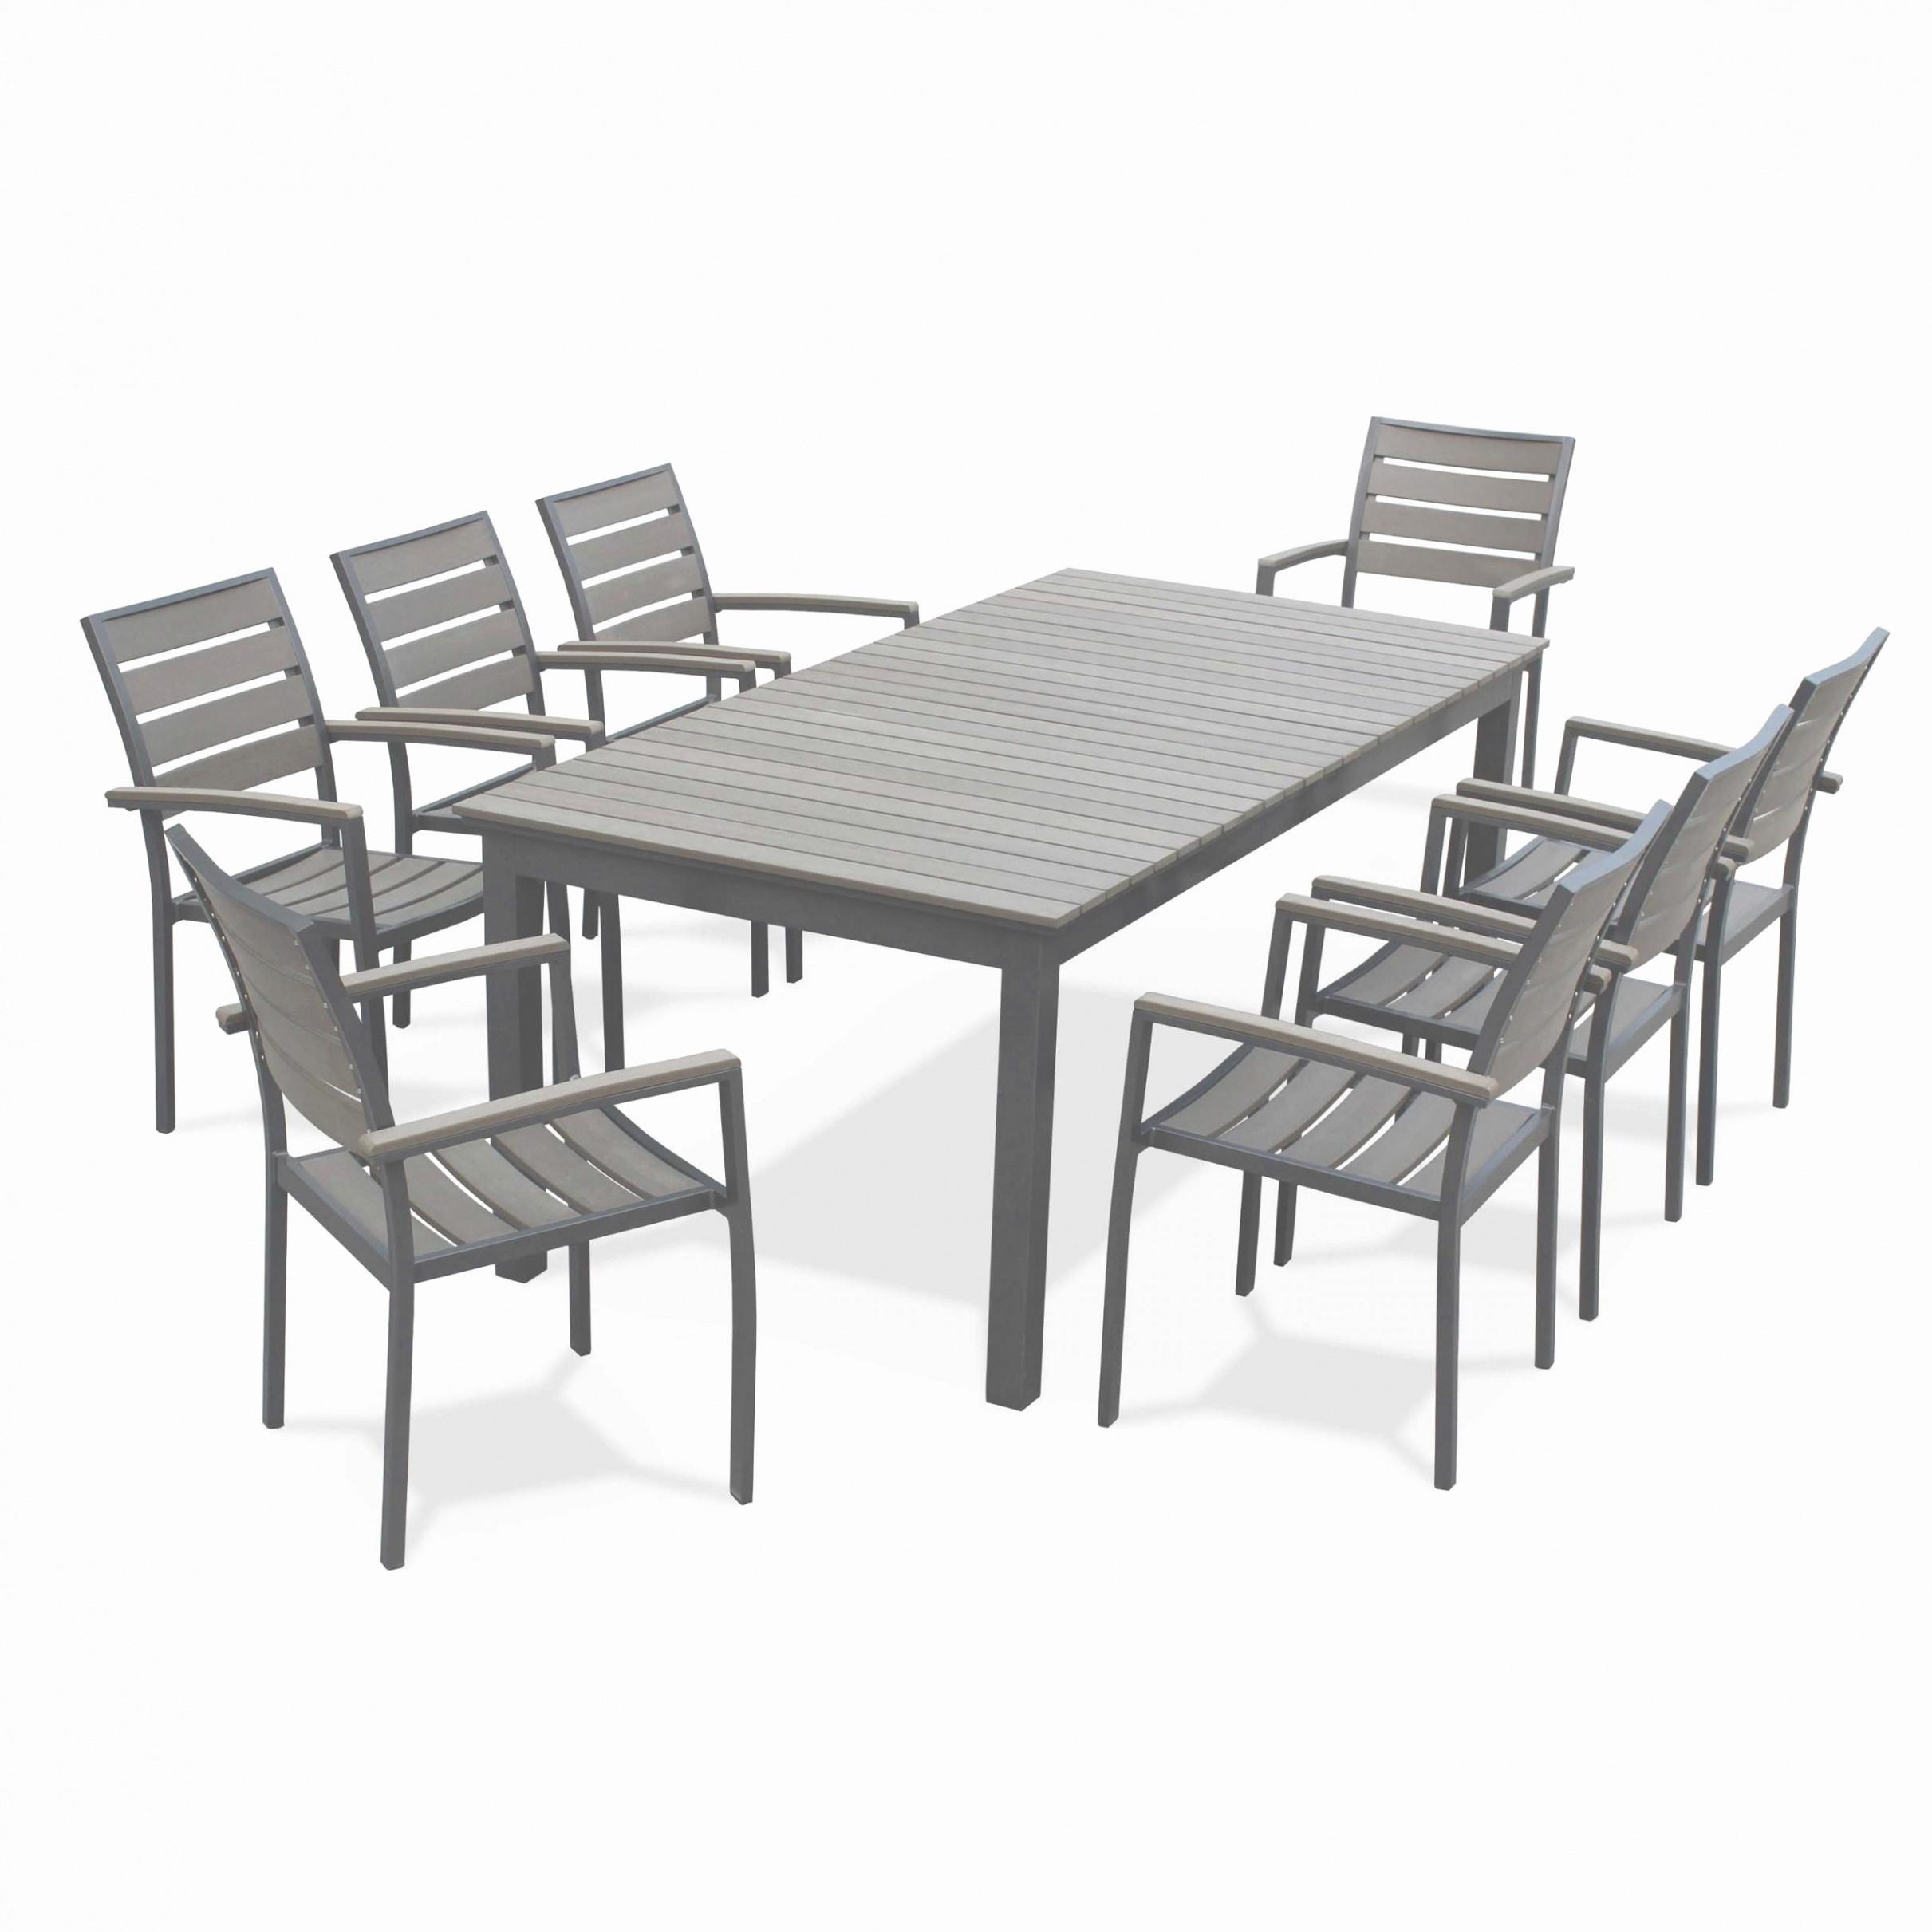 table et chaise de jardin aluminium chaise de jardin en metal laguerredesmots of table et chaise de jardin aluminium